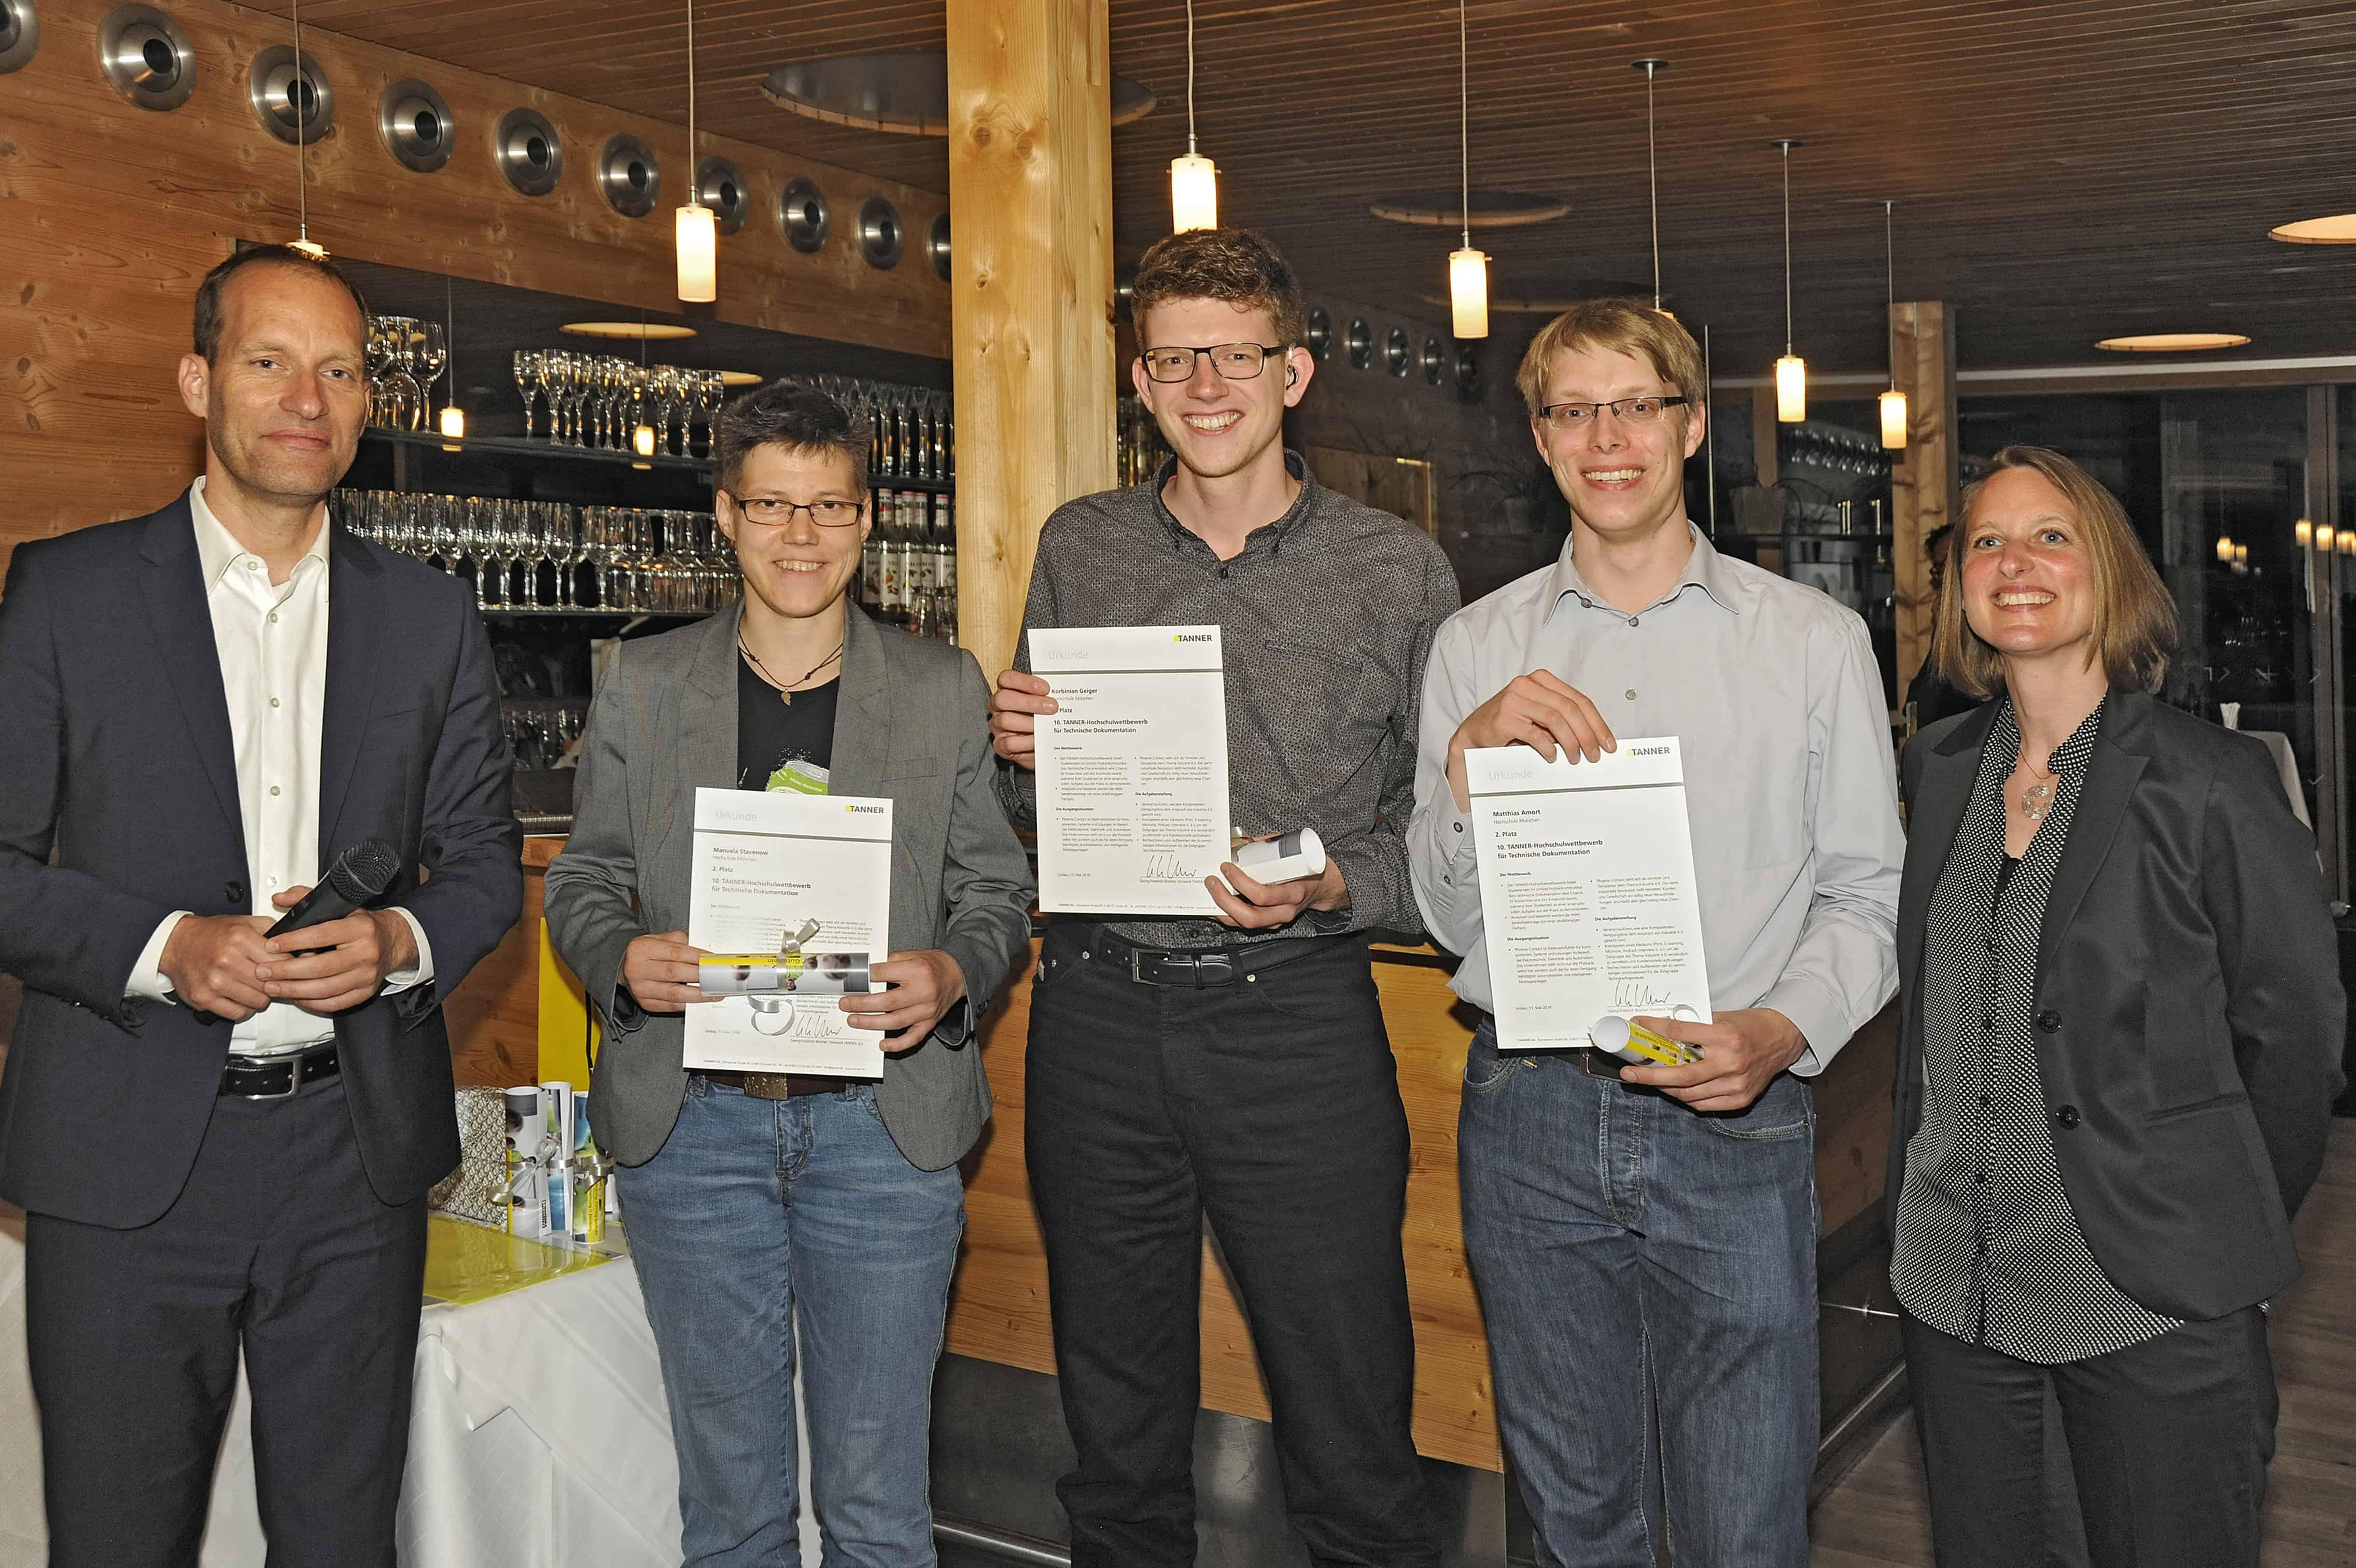 Team Stavenow von 10. TANNER-Hochschulwettbewerb